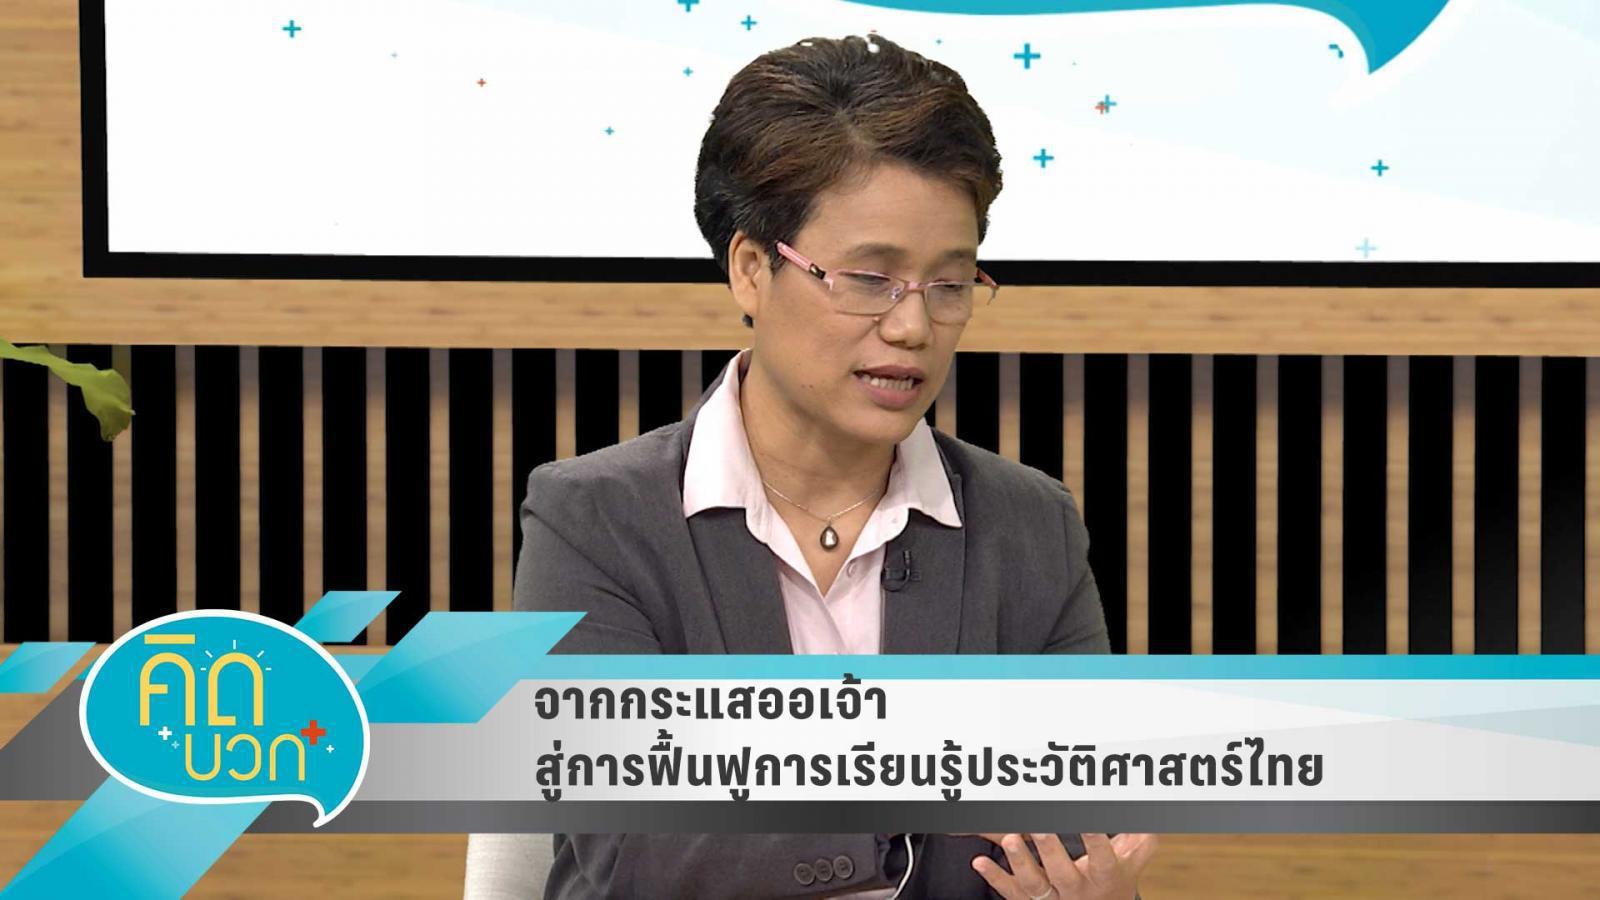 จากกระแสออเจ้า สู่การฟื้นฟูการเรียนรู้ประวัติศาสตร์ไทย